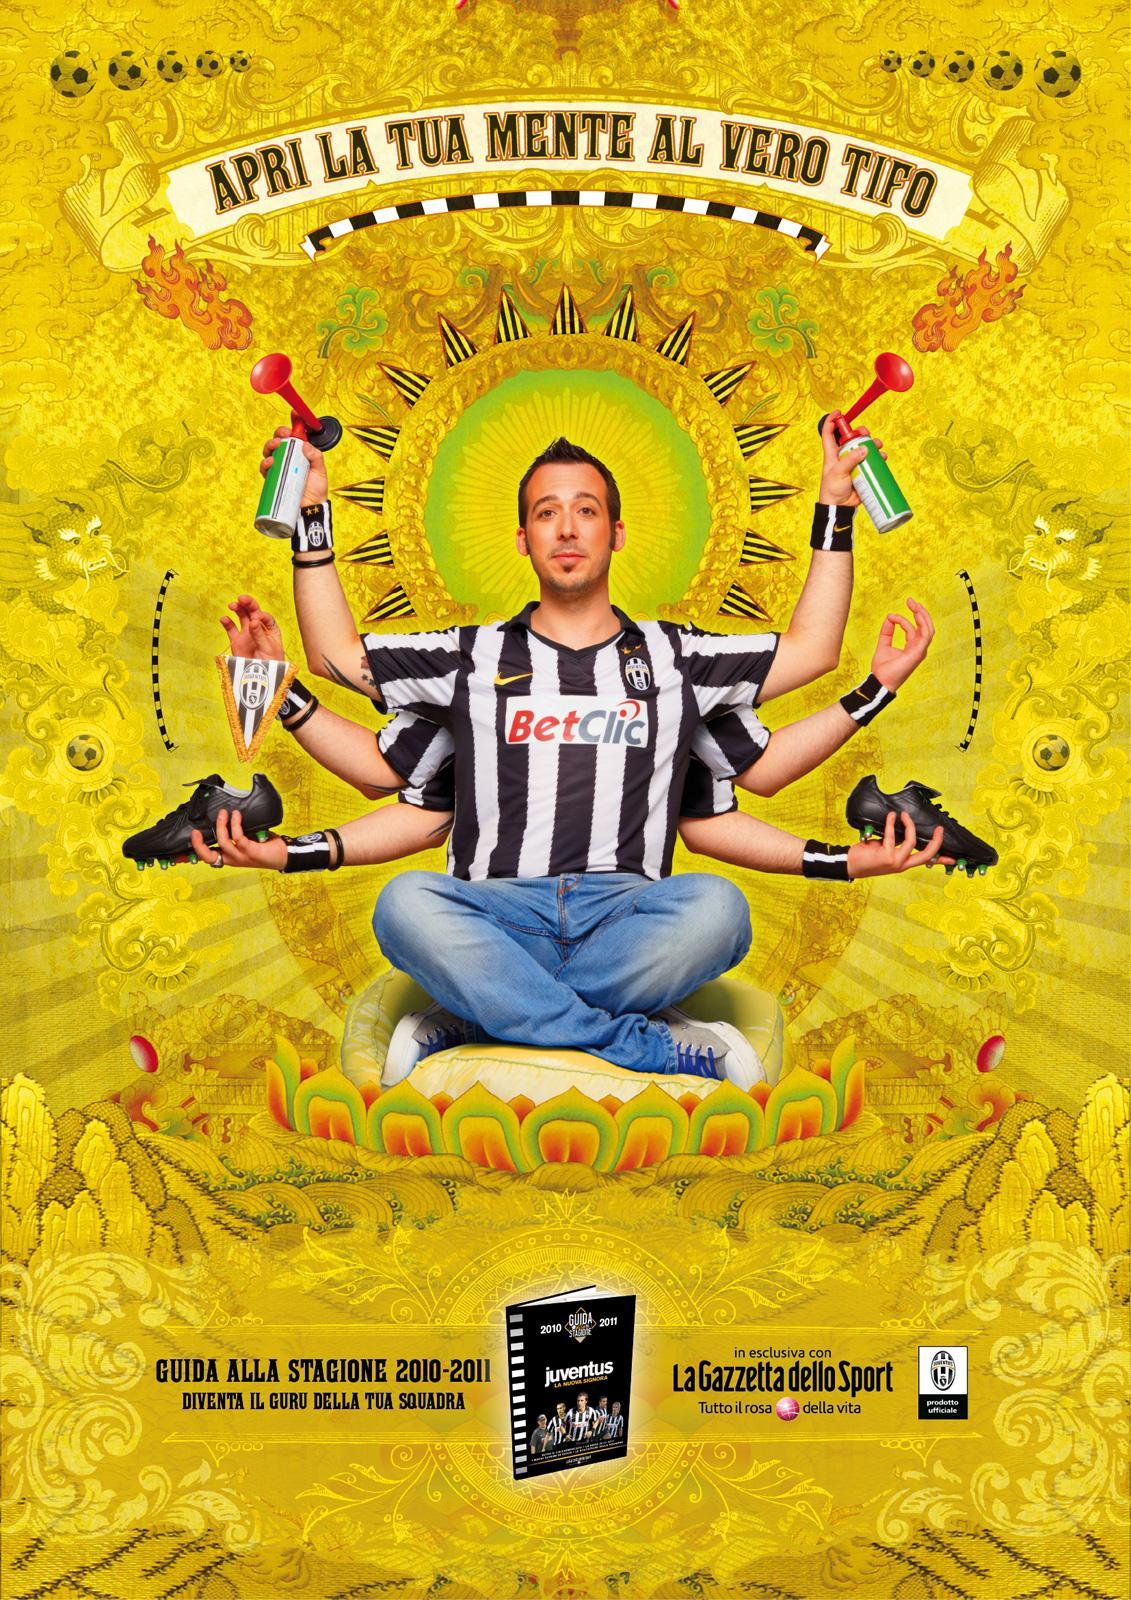 La Gazzetta dello Sport Print Ad -  Guru, 3